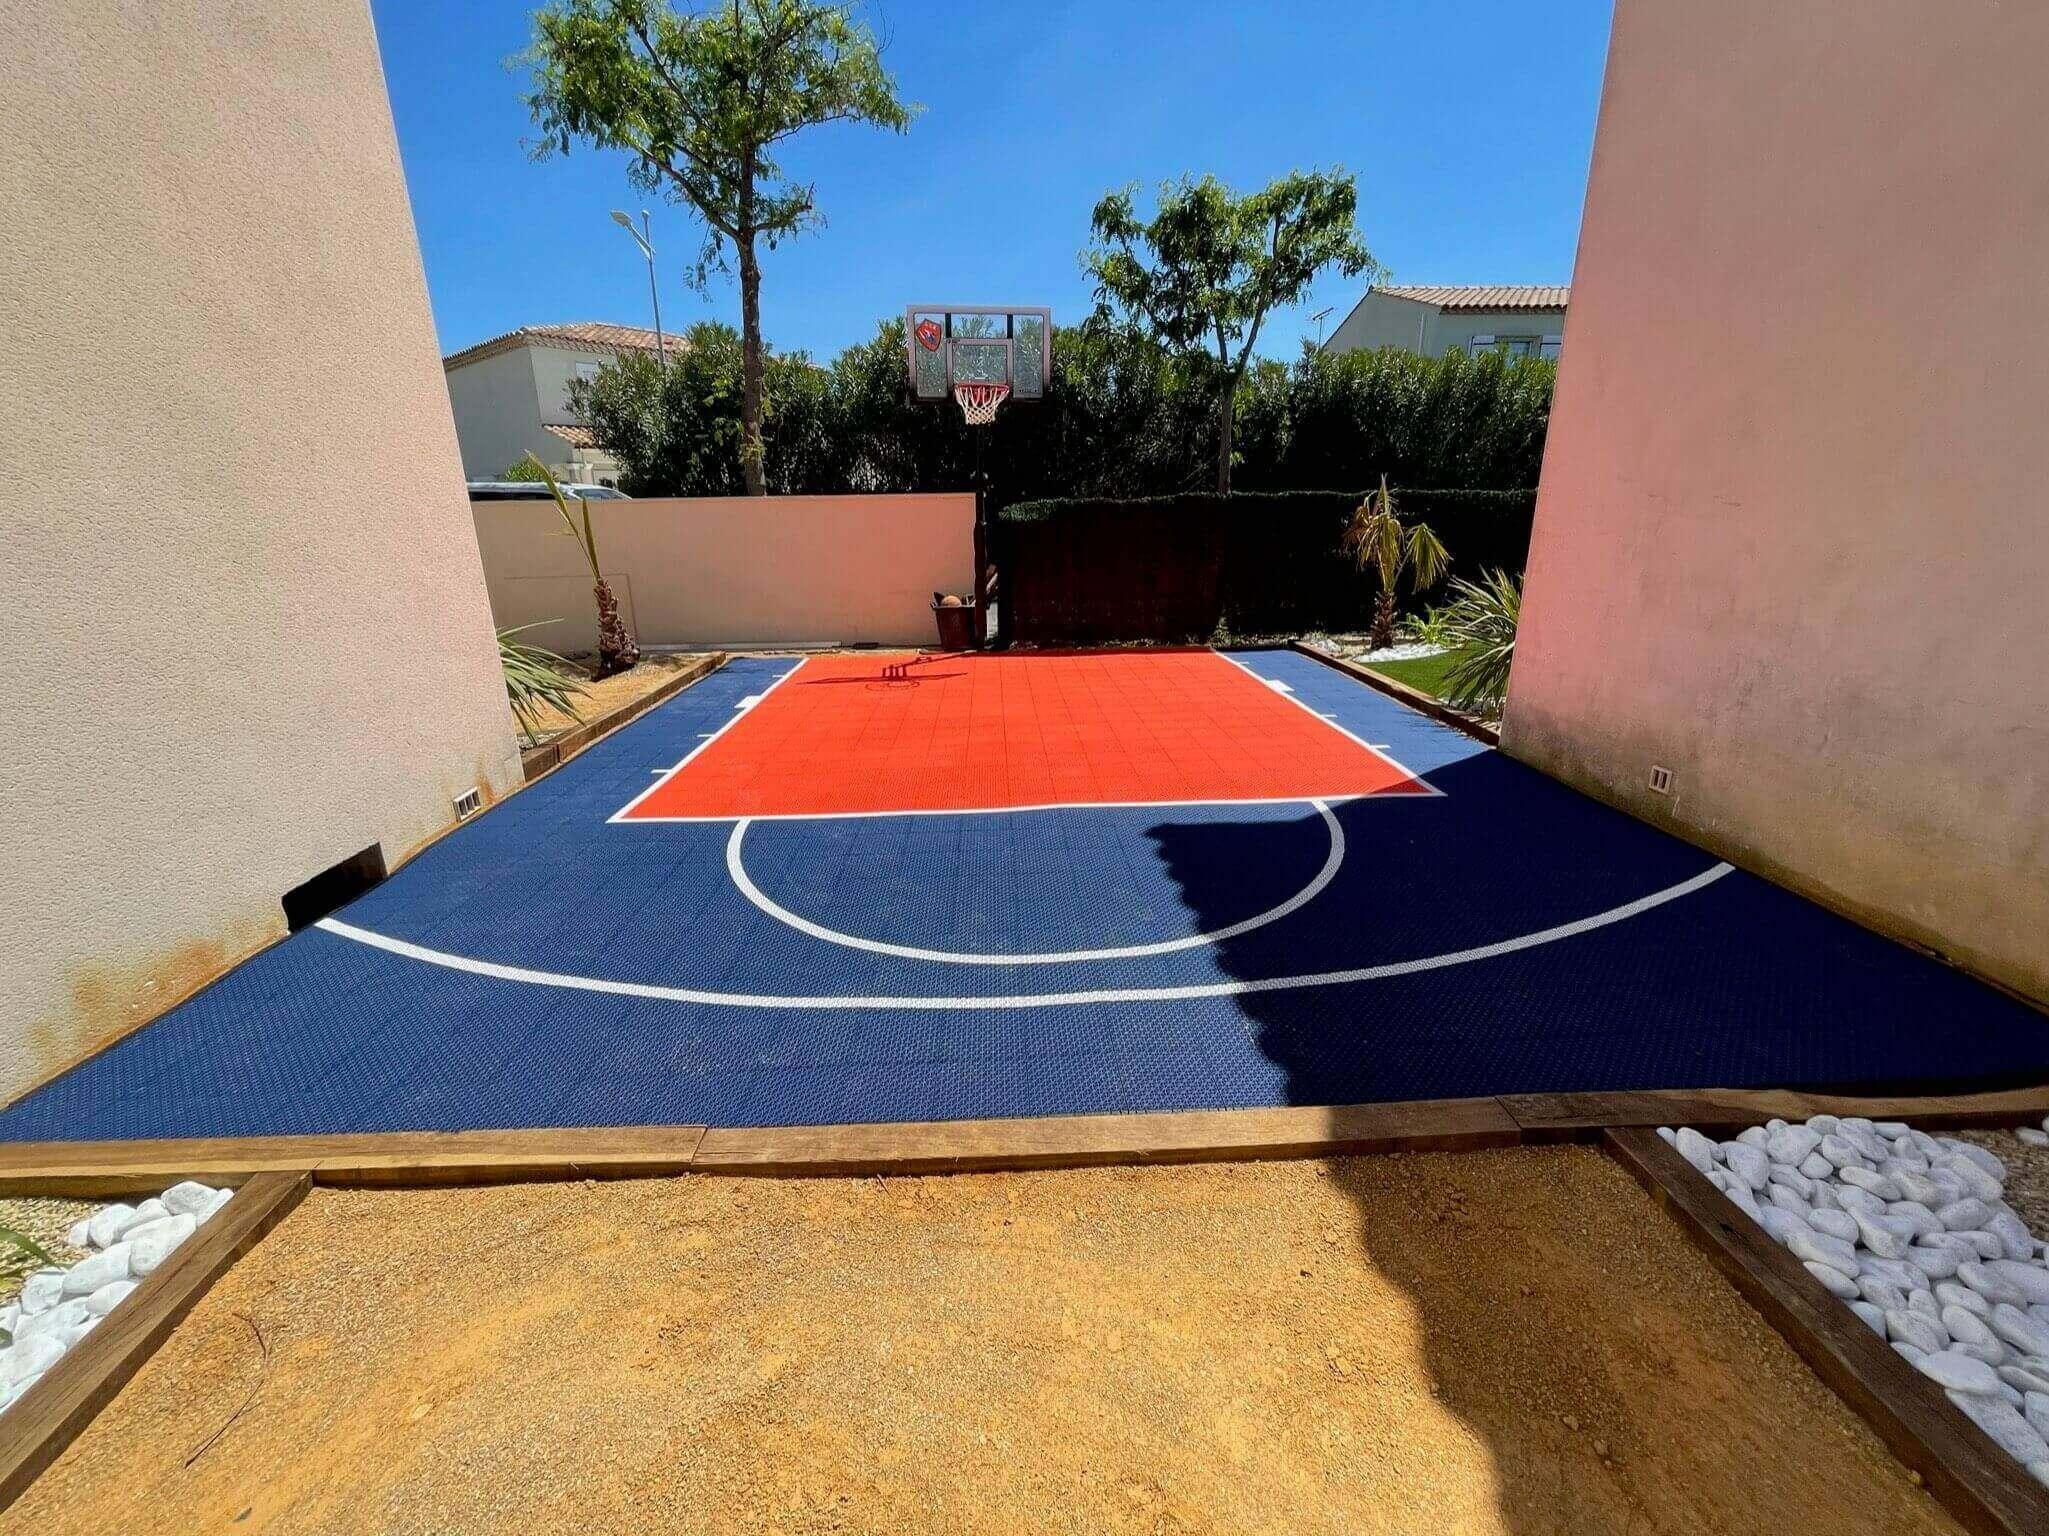 Le terrain de basketball : dimensions, spécificités et conseils pour l'installer chez vous !